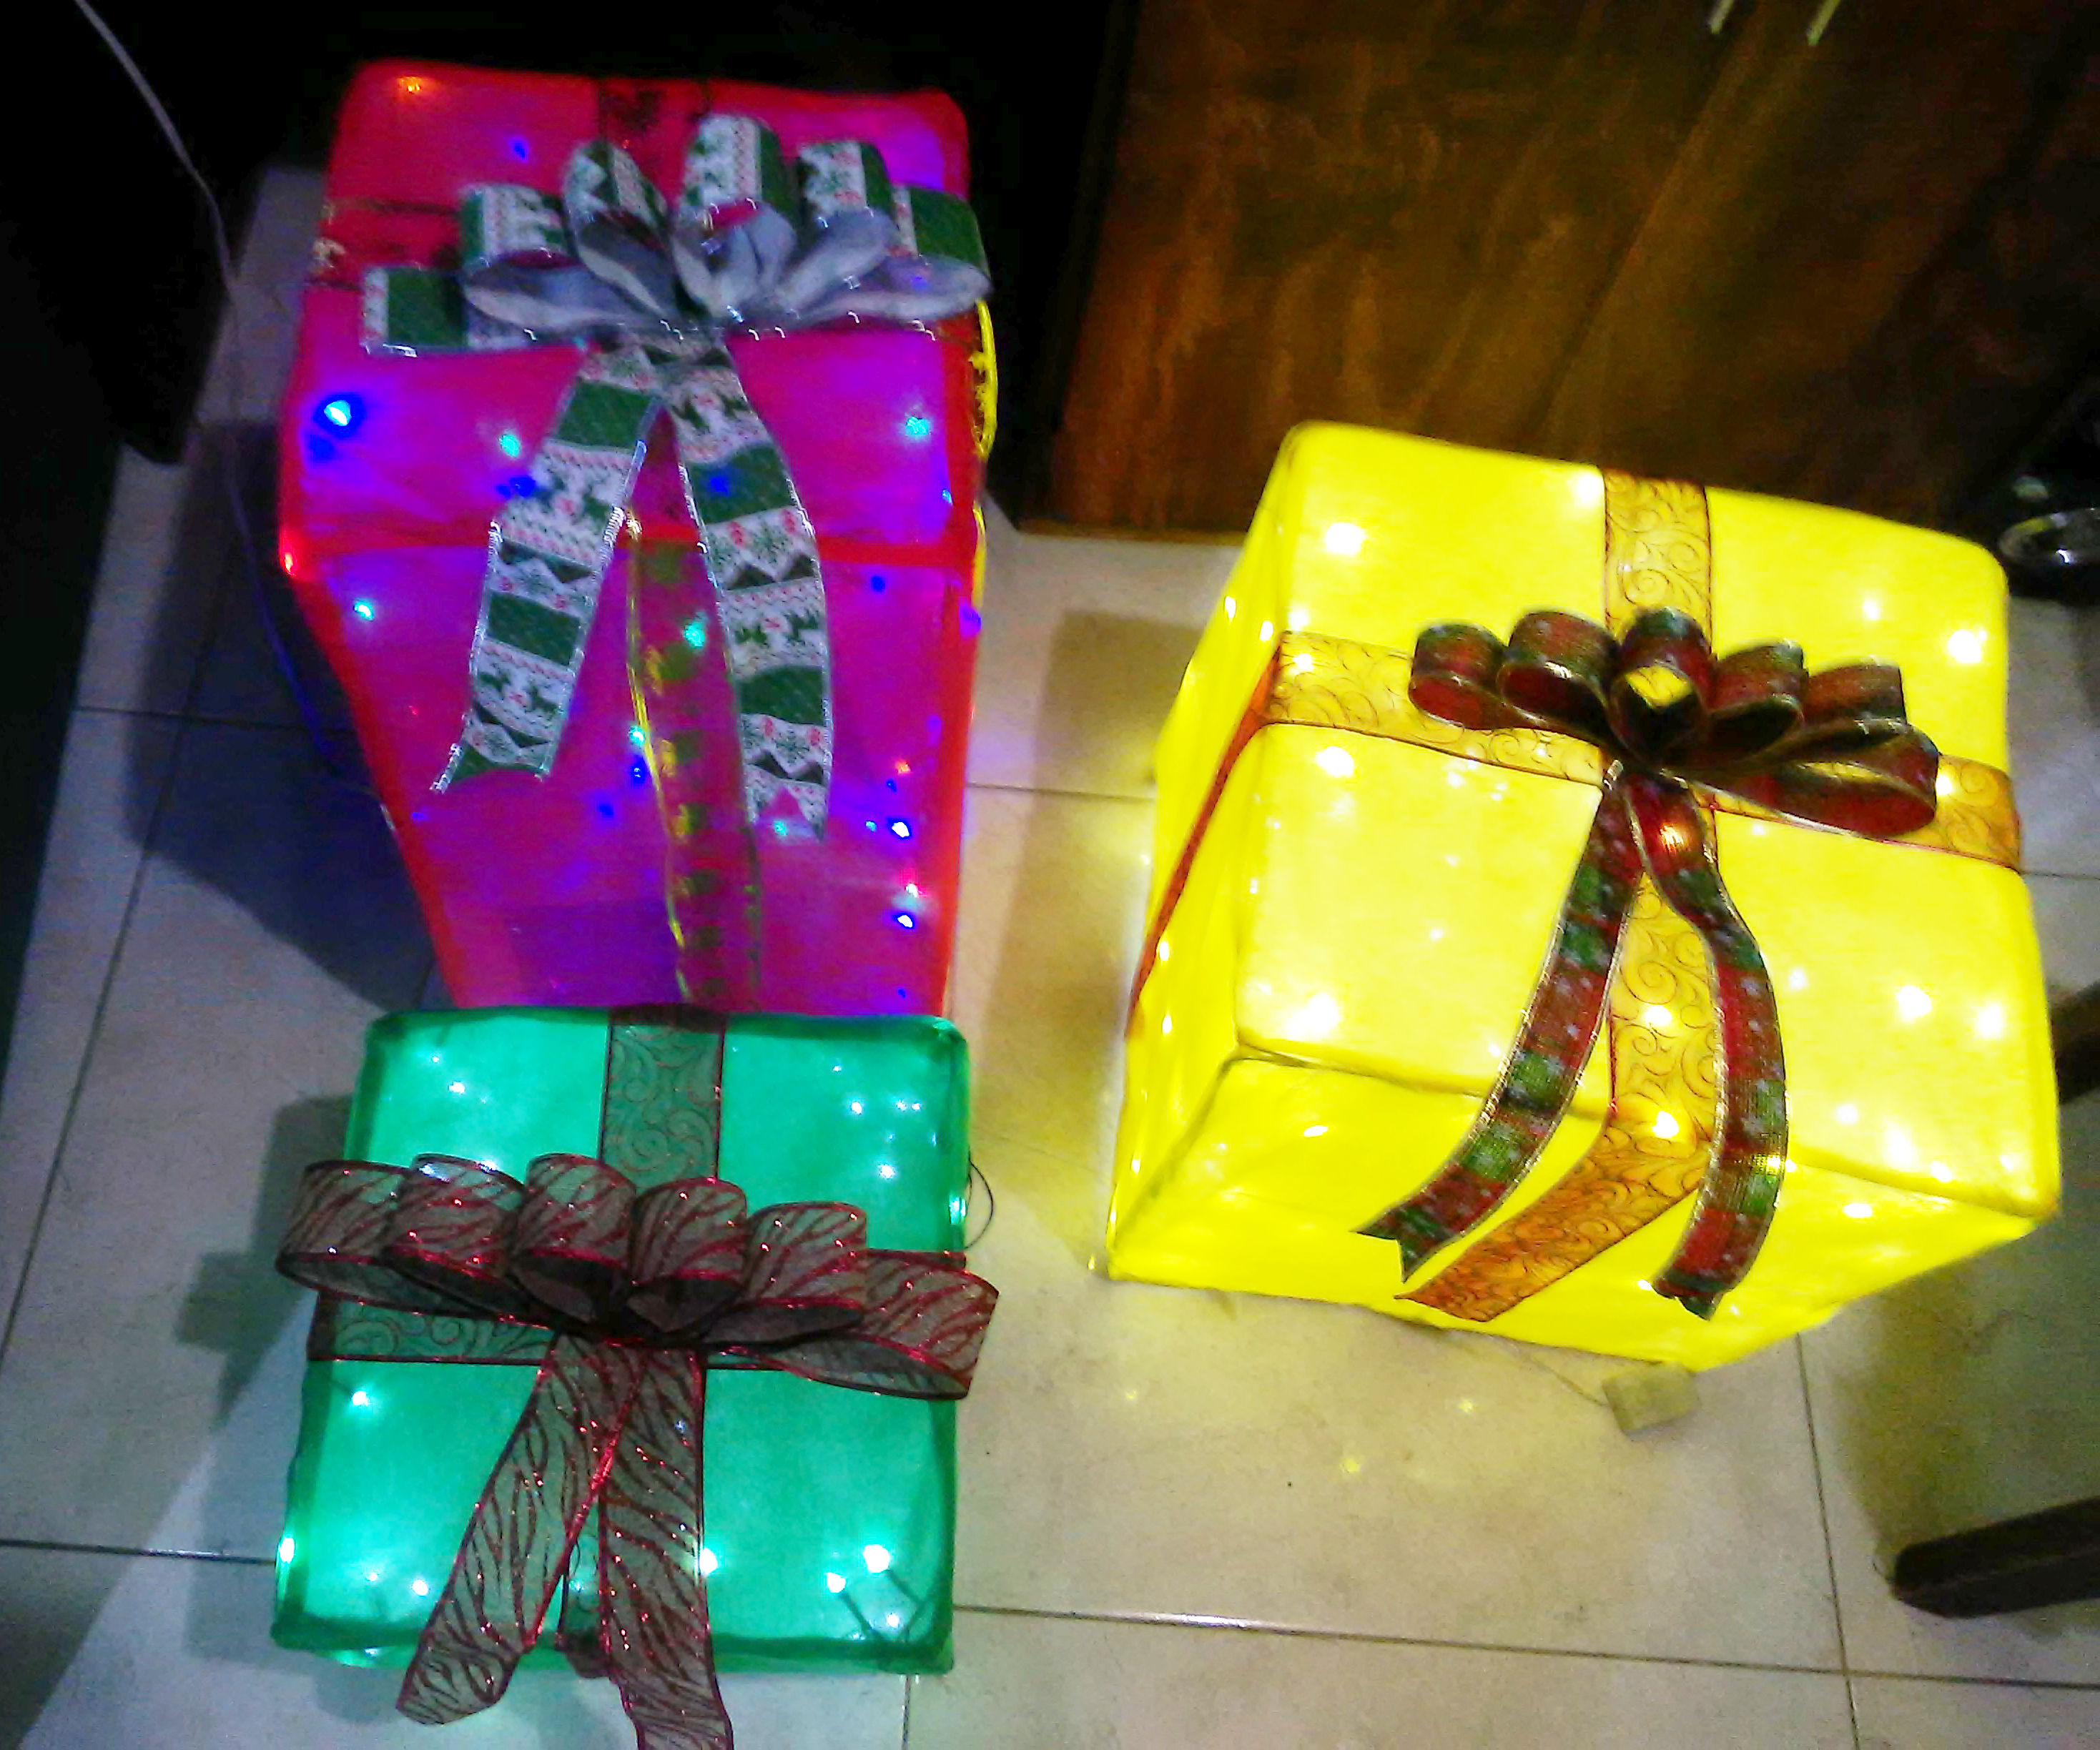 Illuminated Christmas Gift Box - Outside Decoration